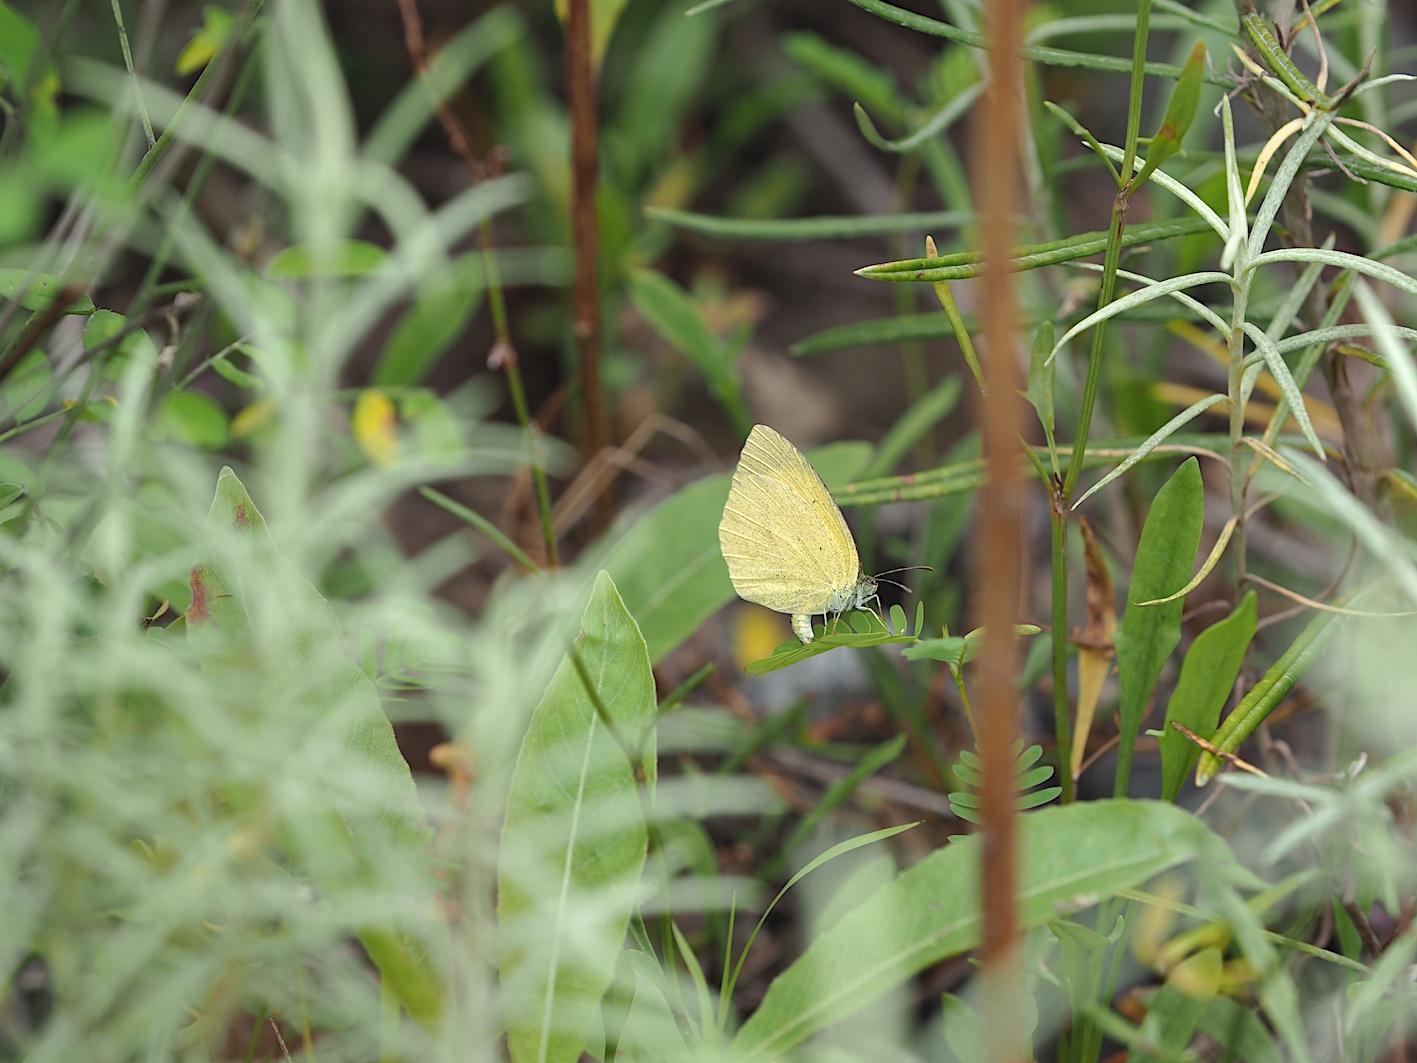 ツマグロキチョウの産卵シーン(2019年7月14日)_d0303129_1435794.jpg